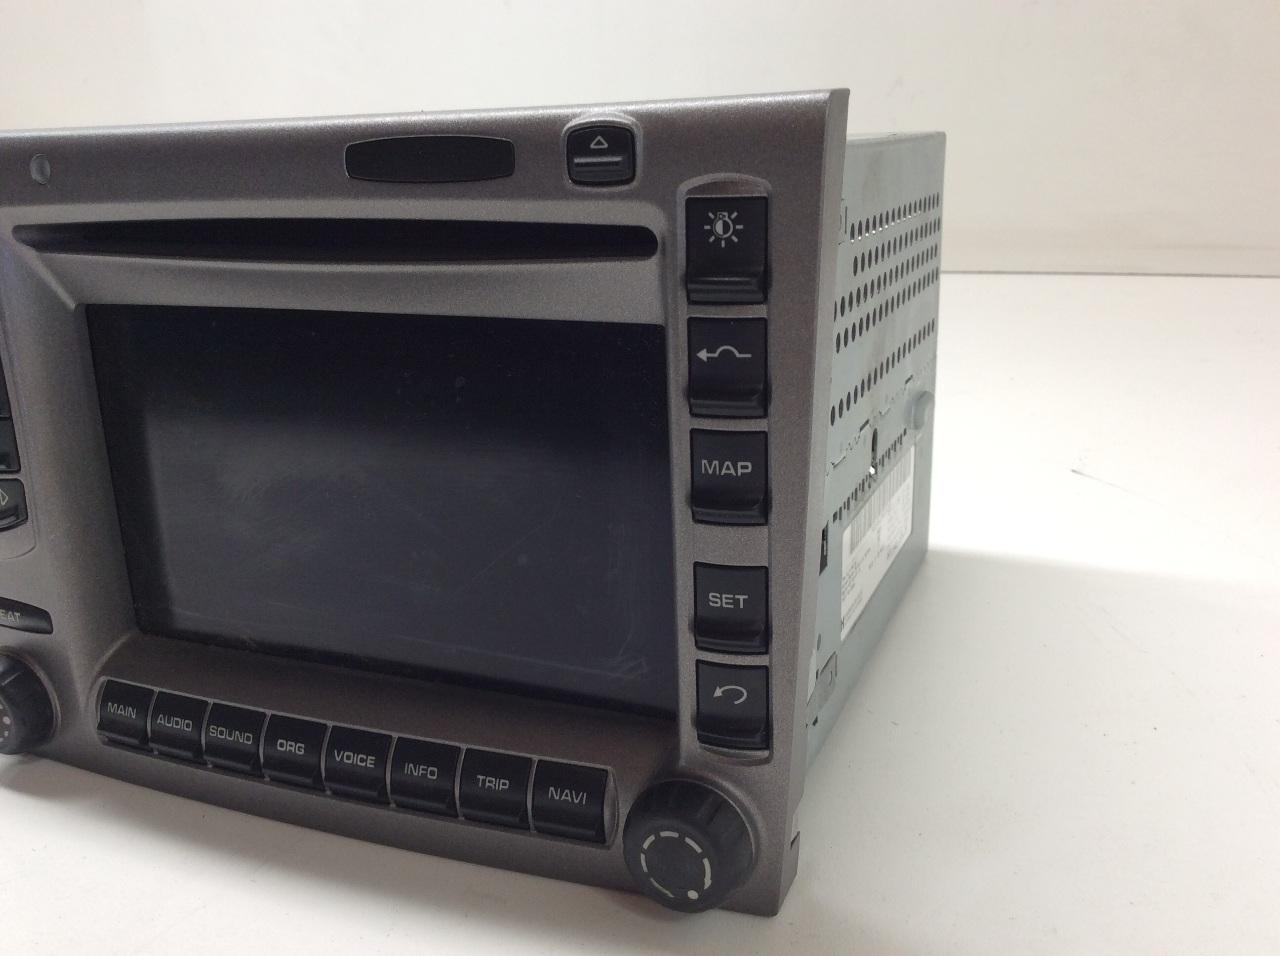 2005 Porsche 911 997 Radio Stereo Navigation Navi